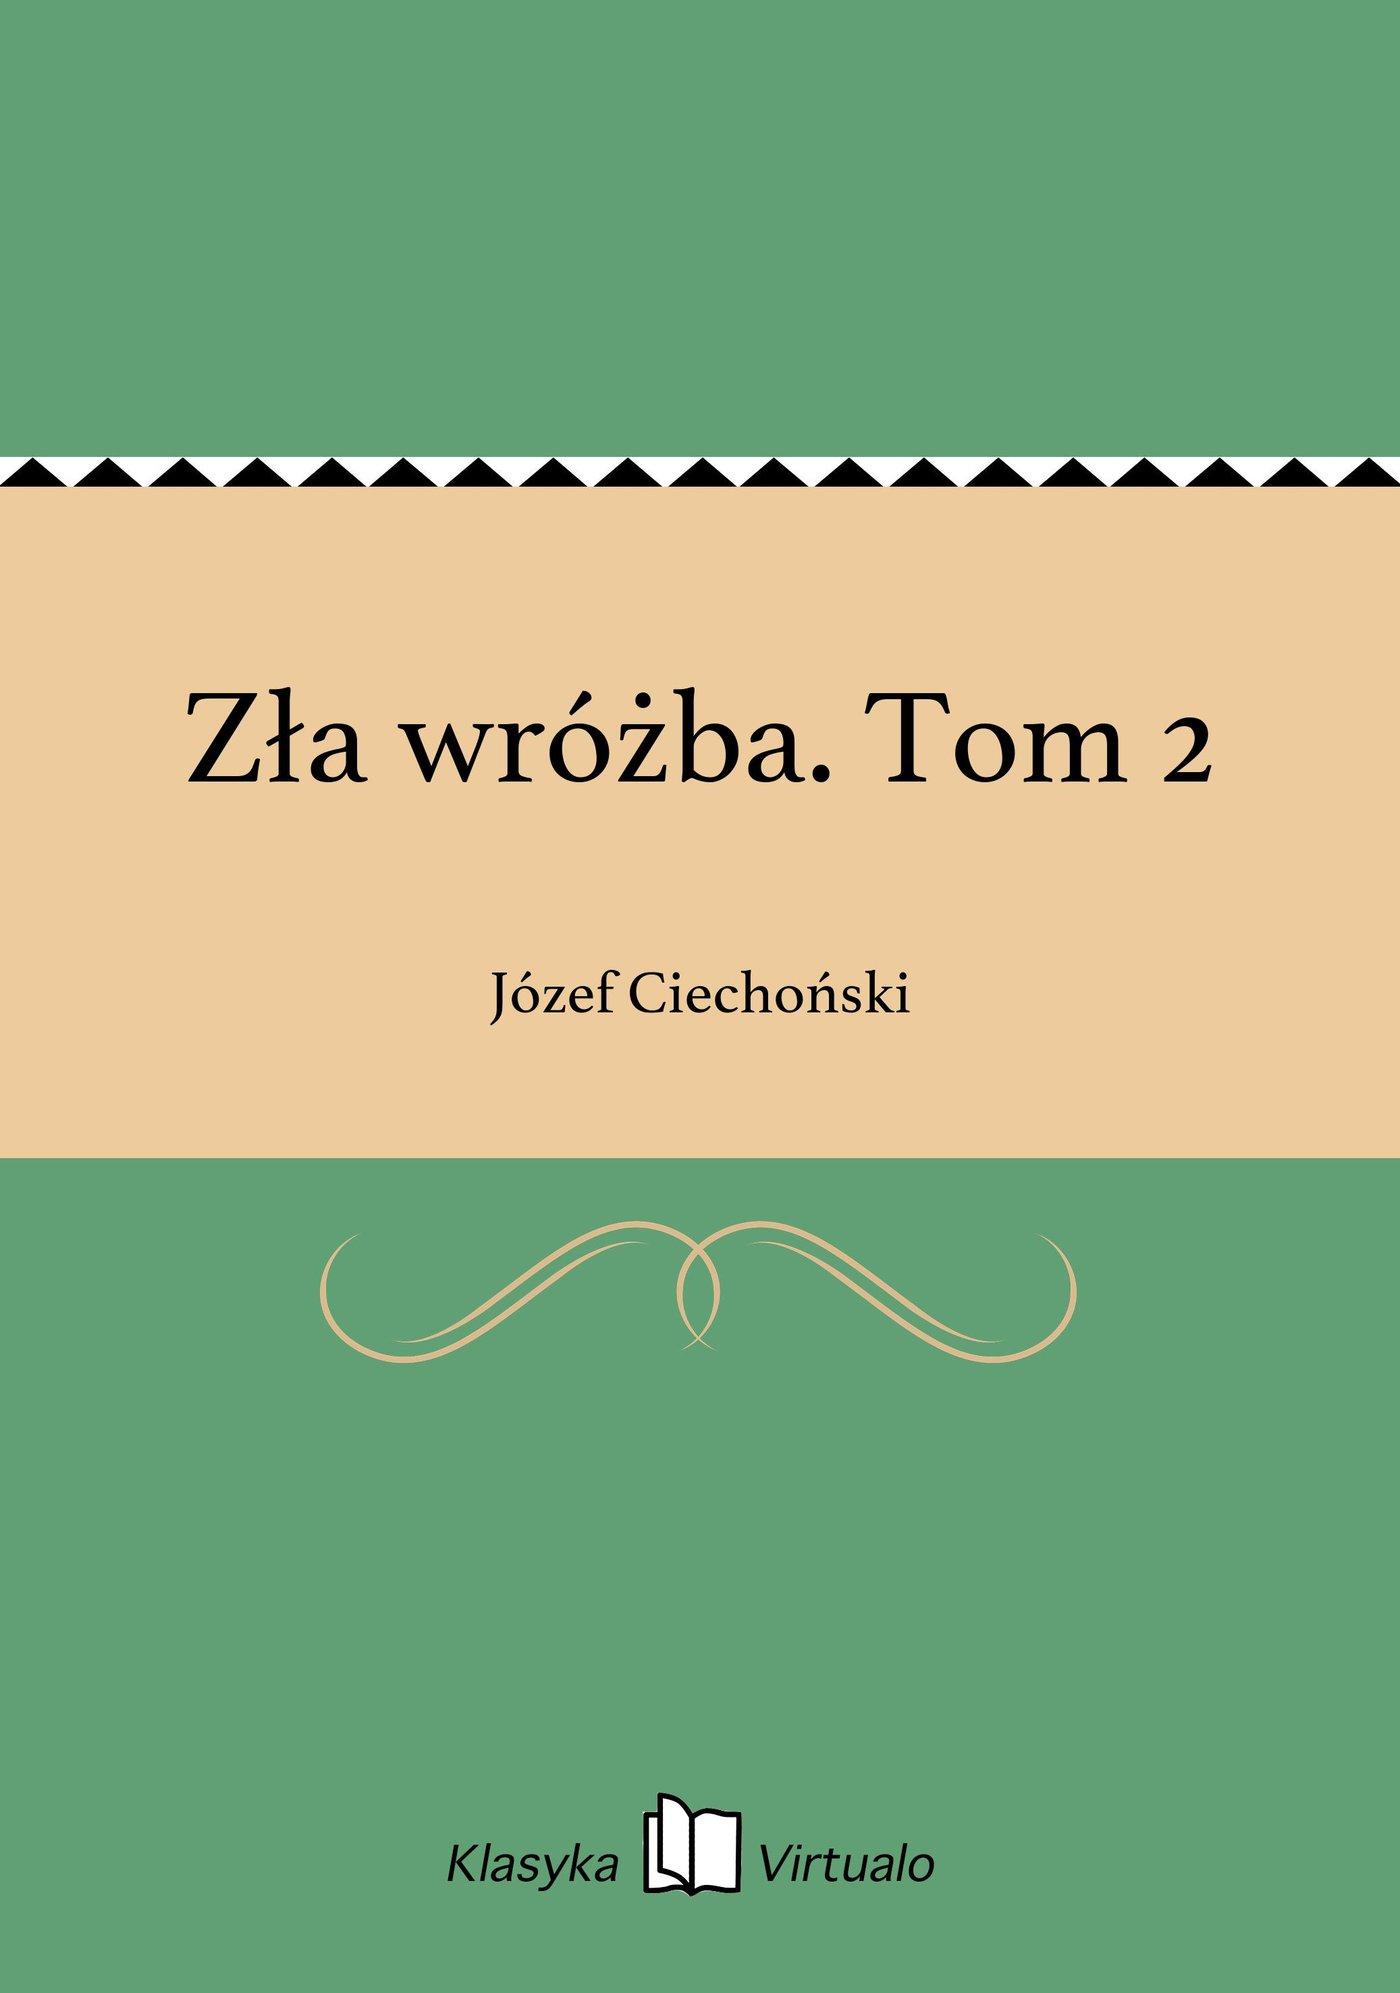 Zła wróżba. Tom 2 - Ebook (Książka na Kindle) do pobrania w formacie MOBI